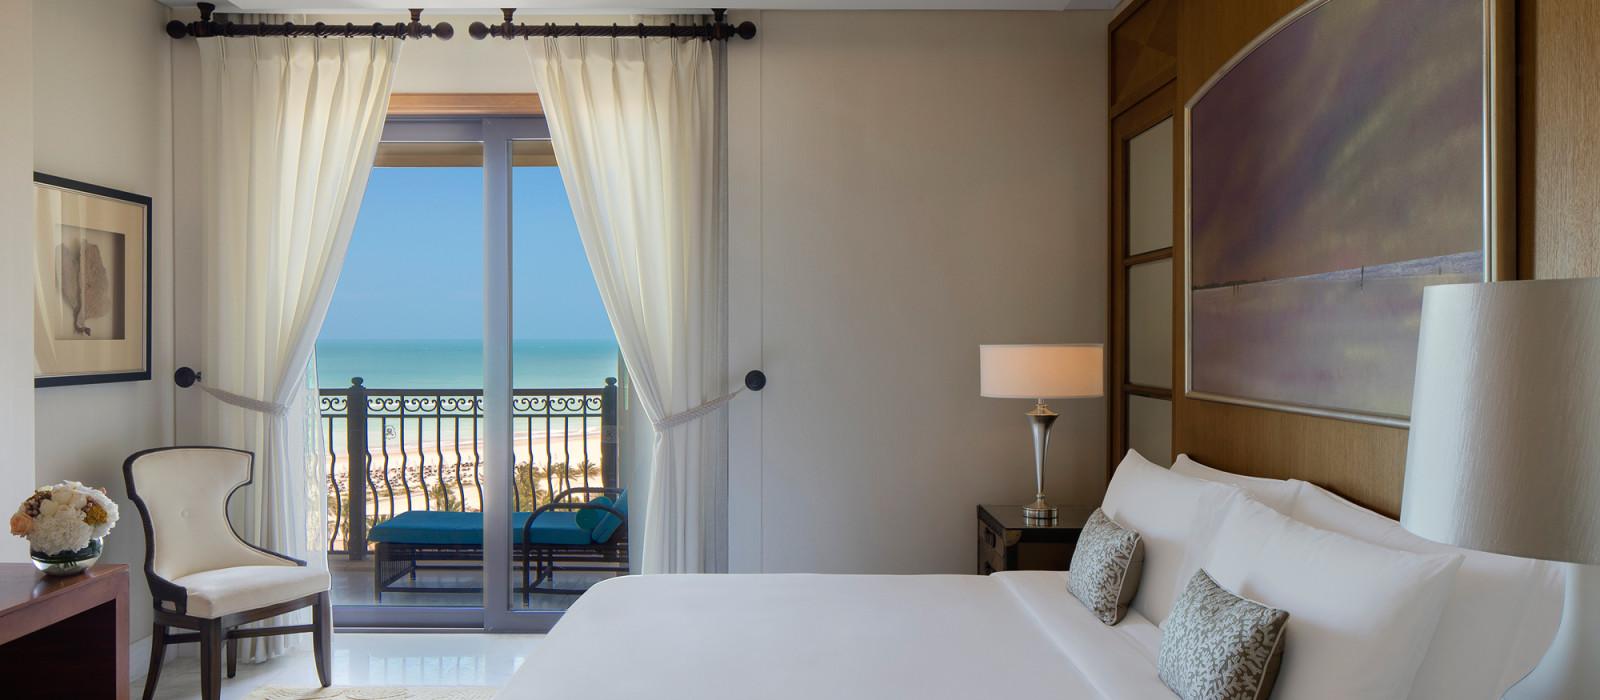 Hotel St. Regis Saadiyat Island Resort Abu Dhabi Vereinigte Arabische Emirate